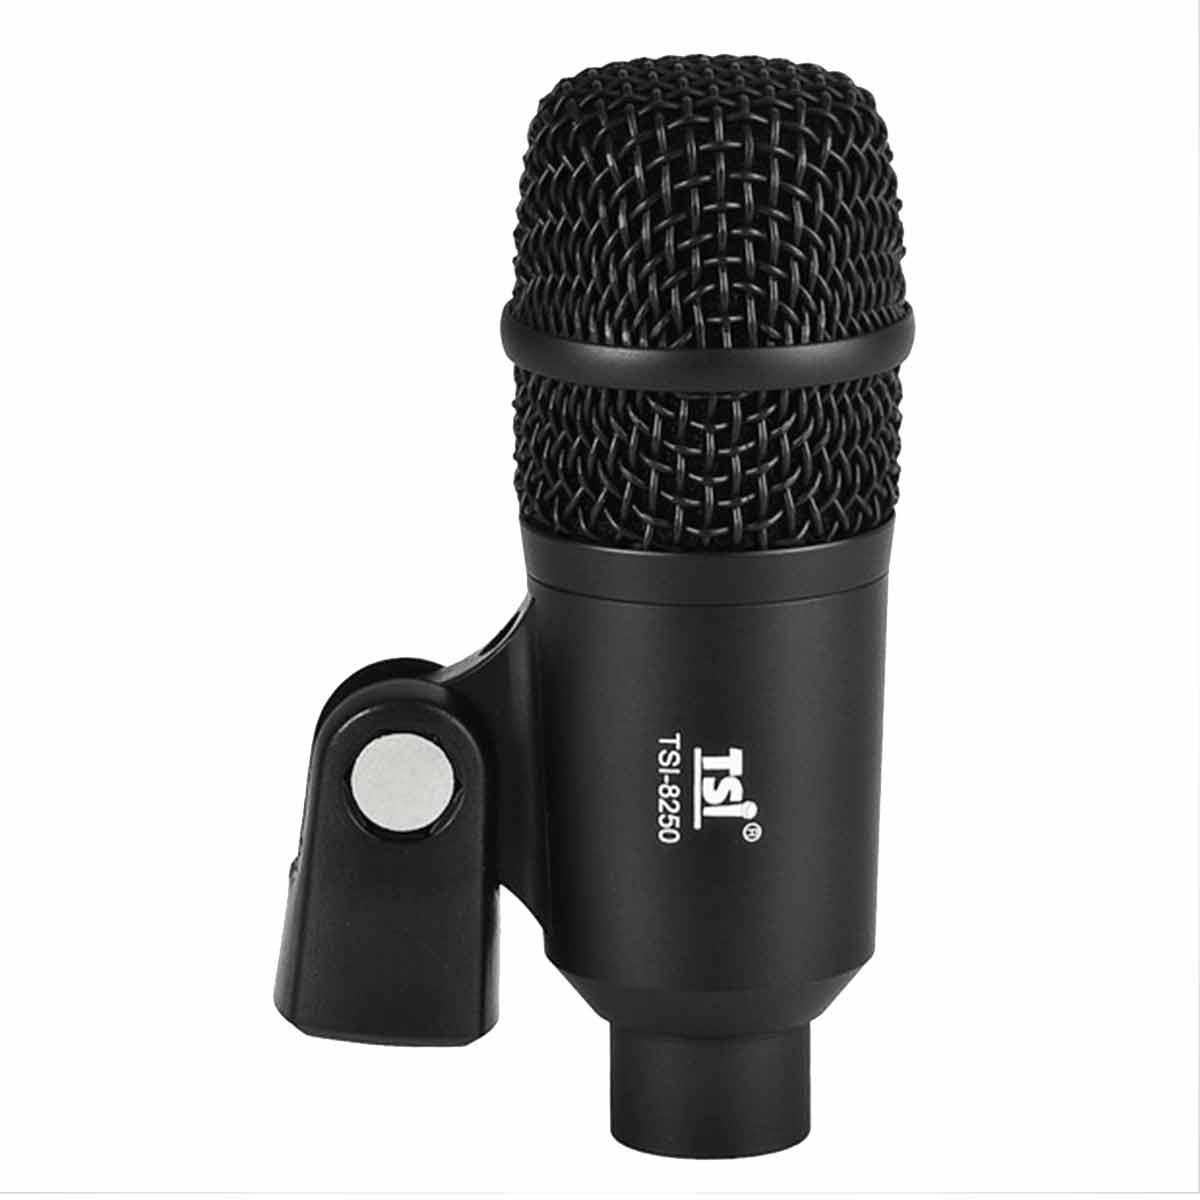 Microfone c/ Fio Dinâmico p/ Percussão / Bateria - 8250 TSI